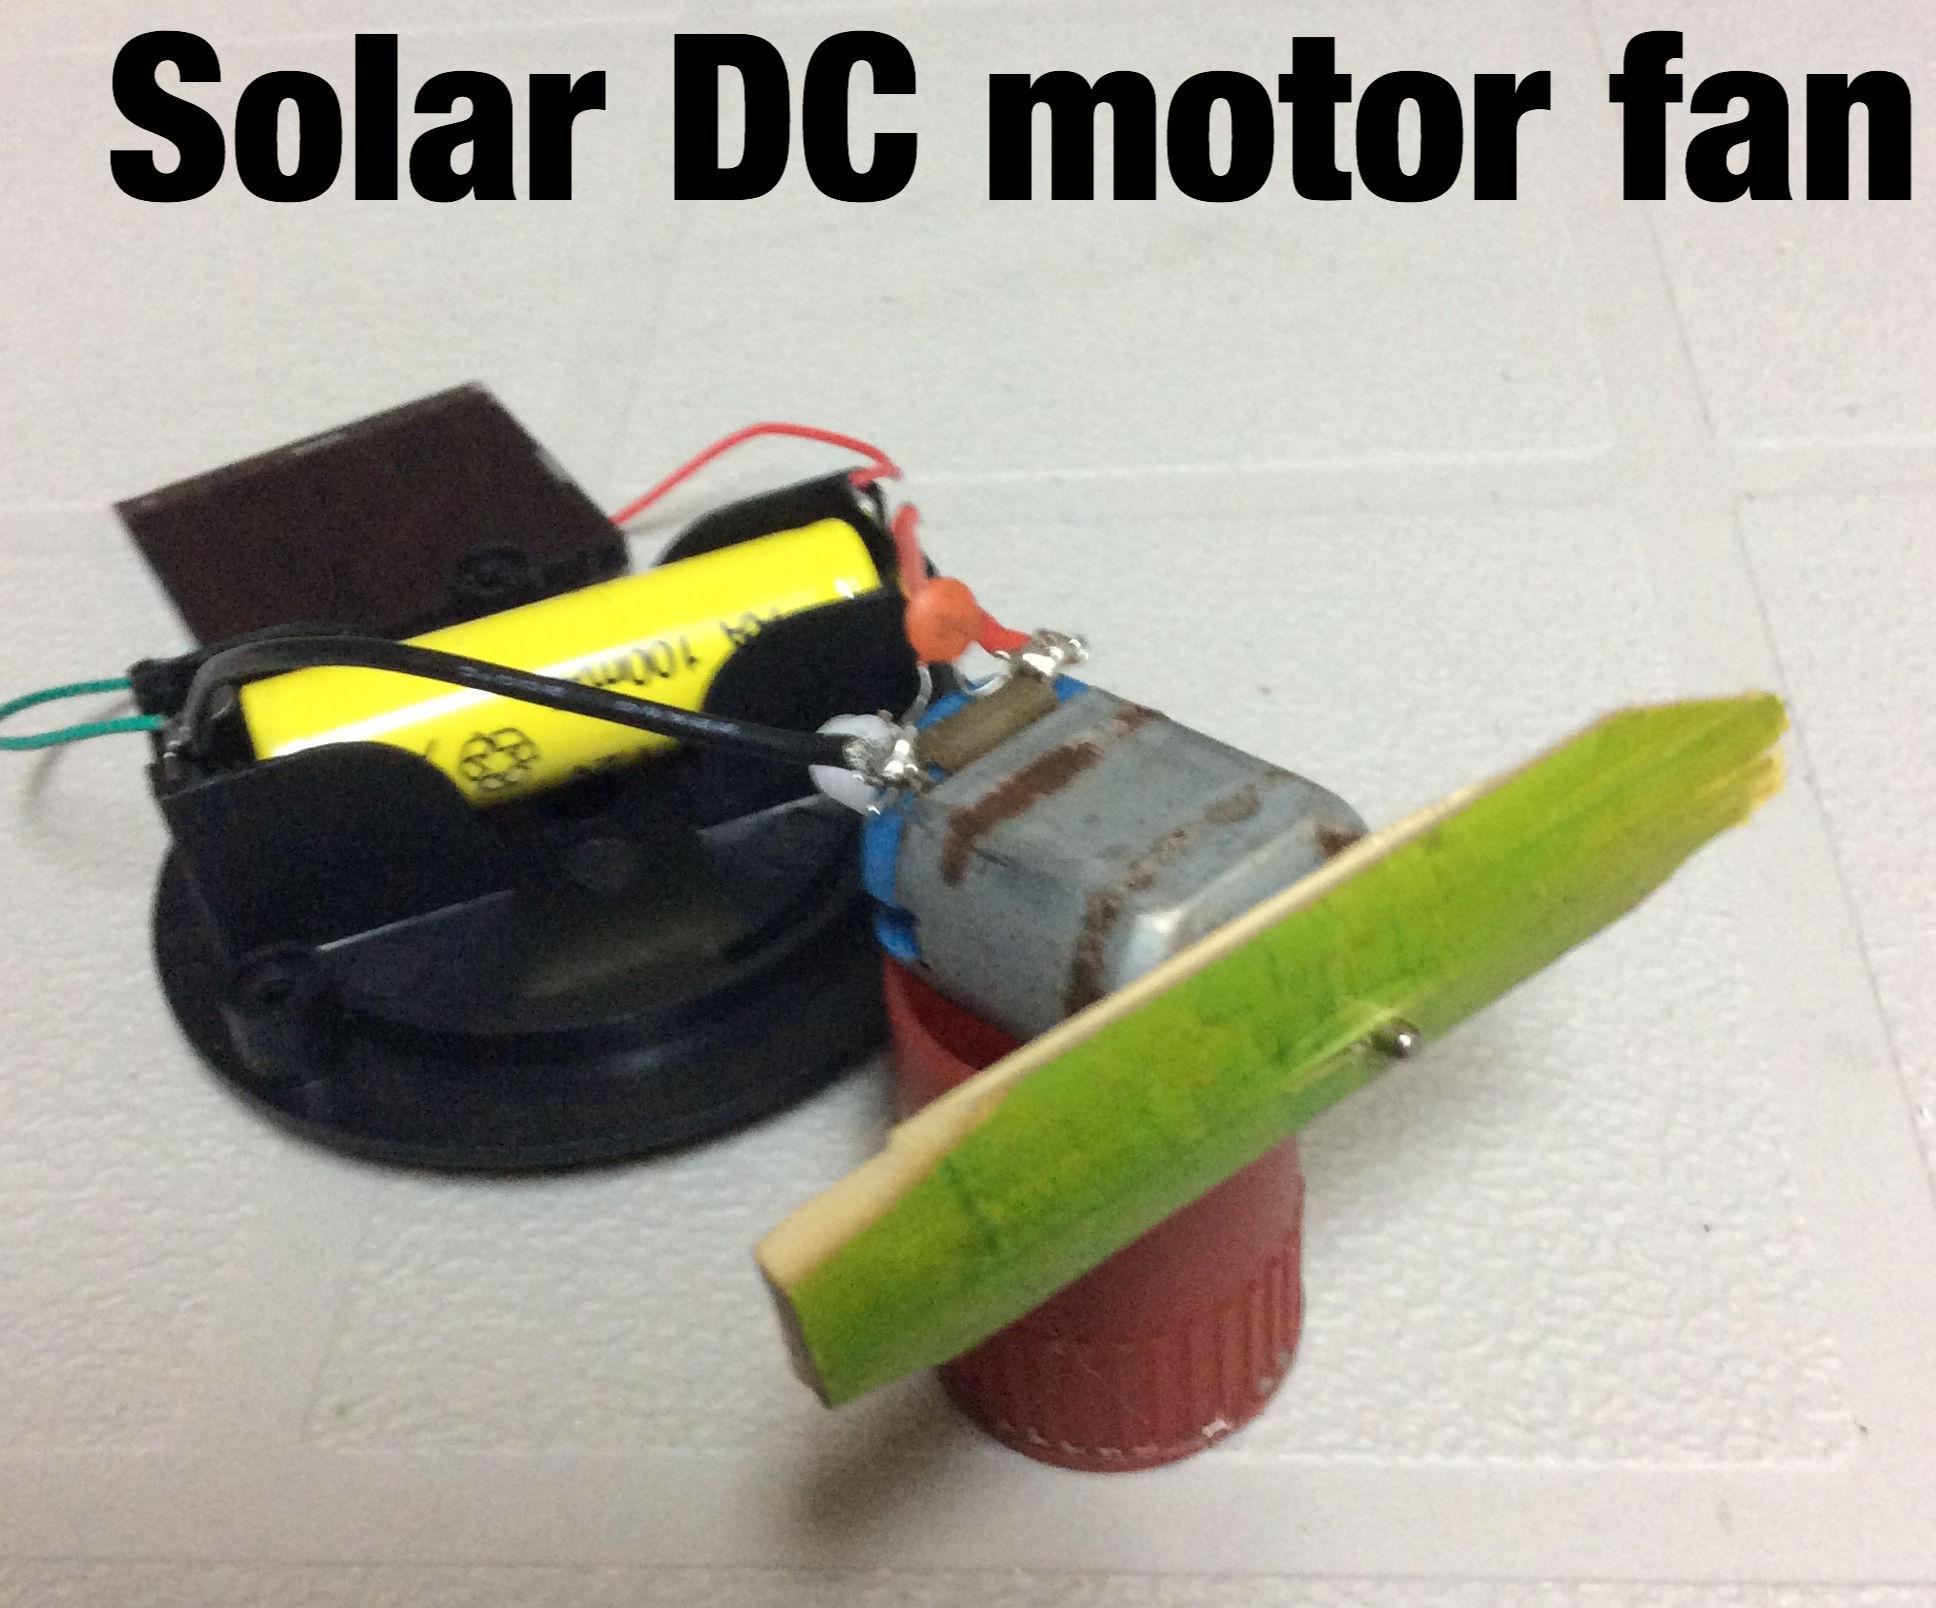 Solar powered DC motor fan